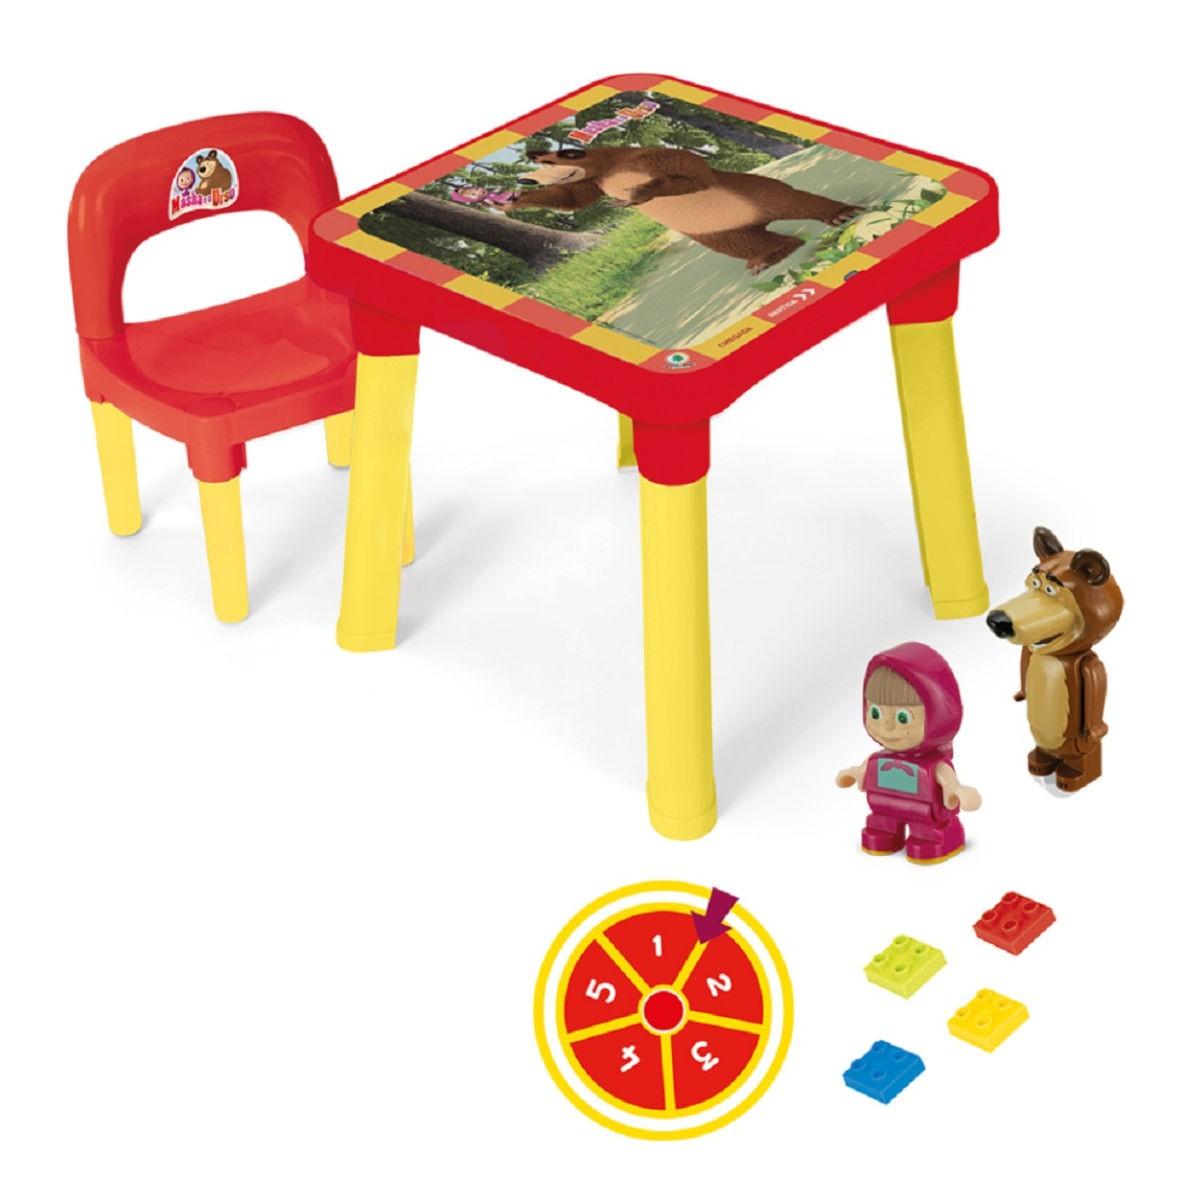 Mesinha Infantil Com Cadeira E Acessórios Masha E O Urso